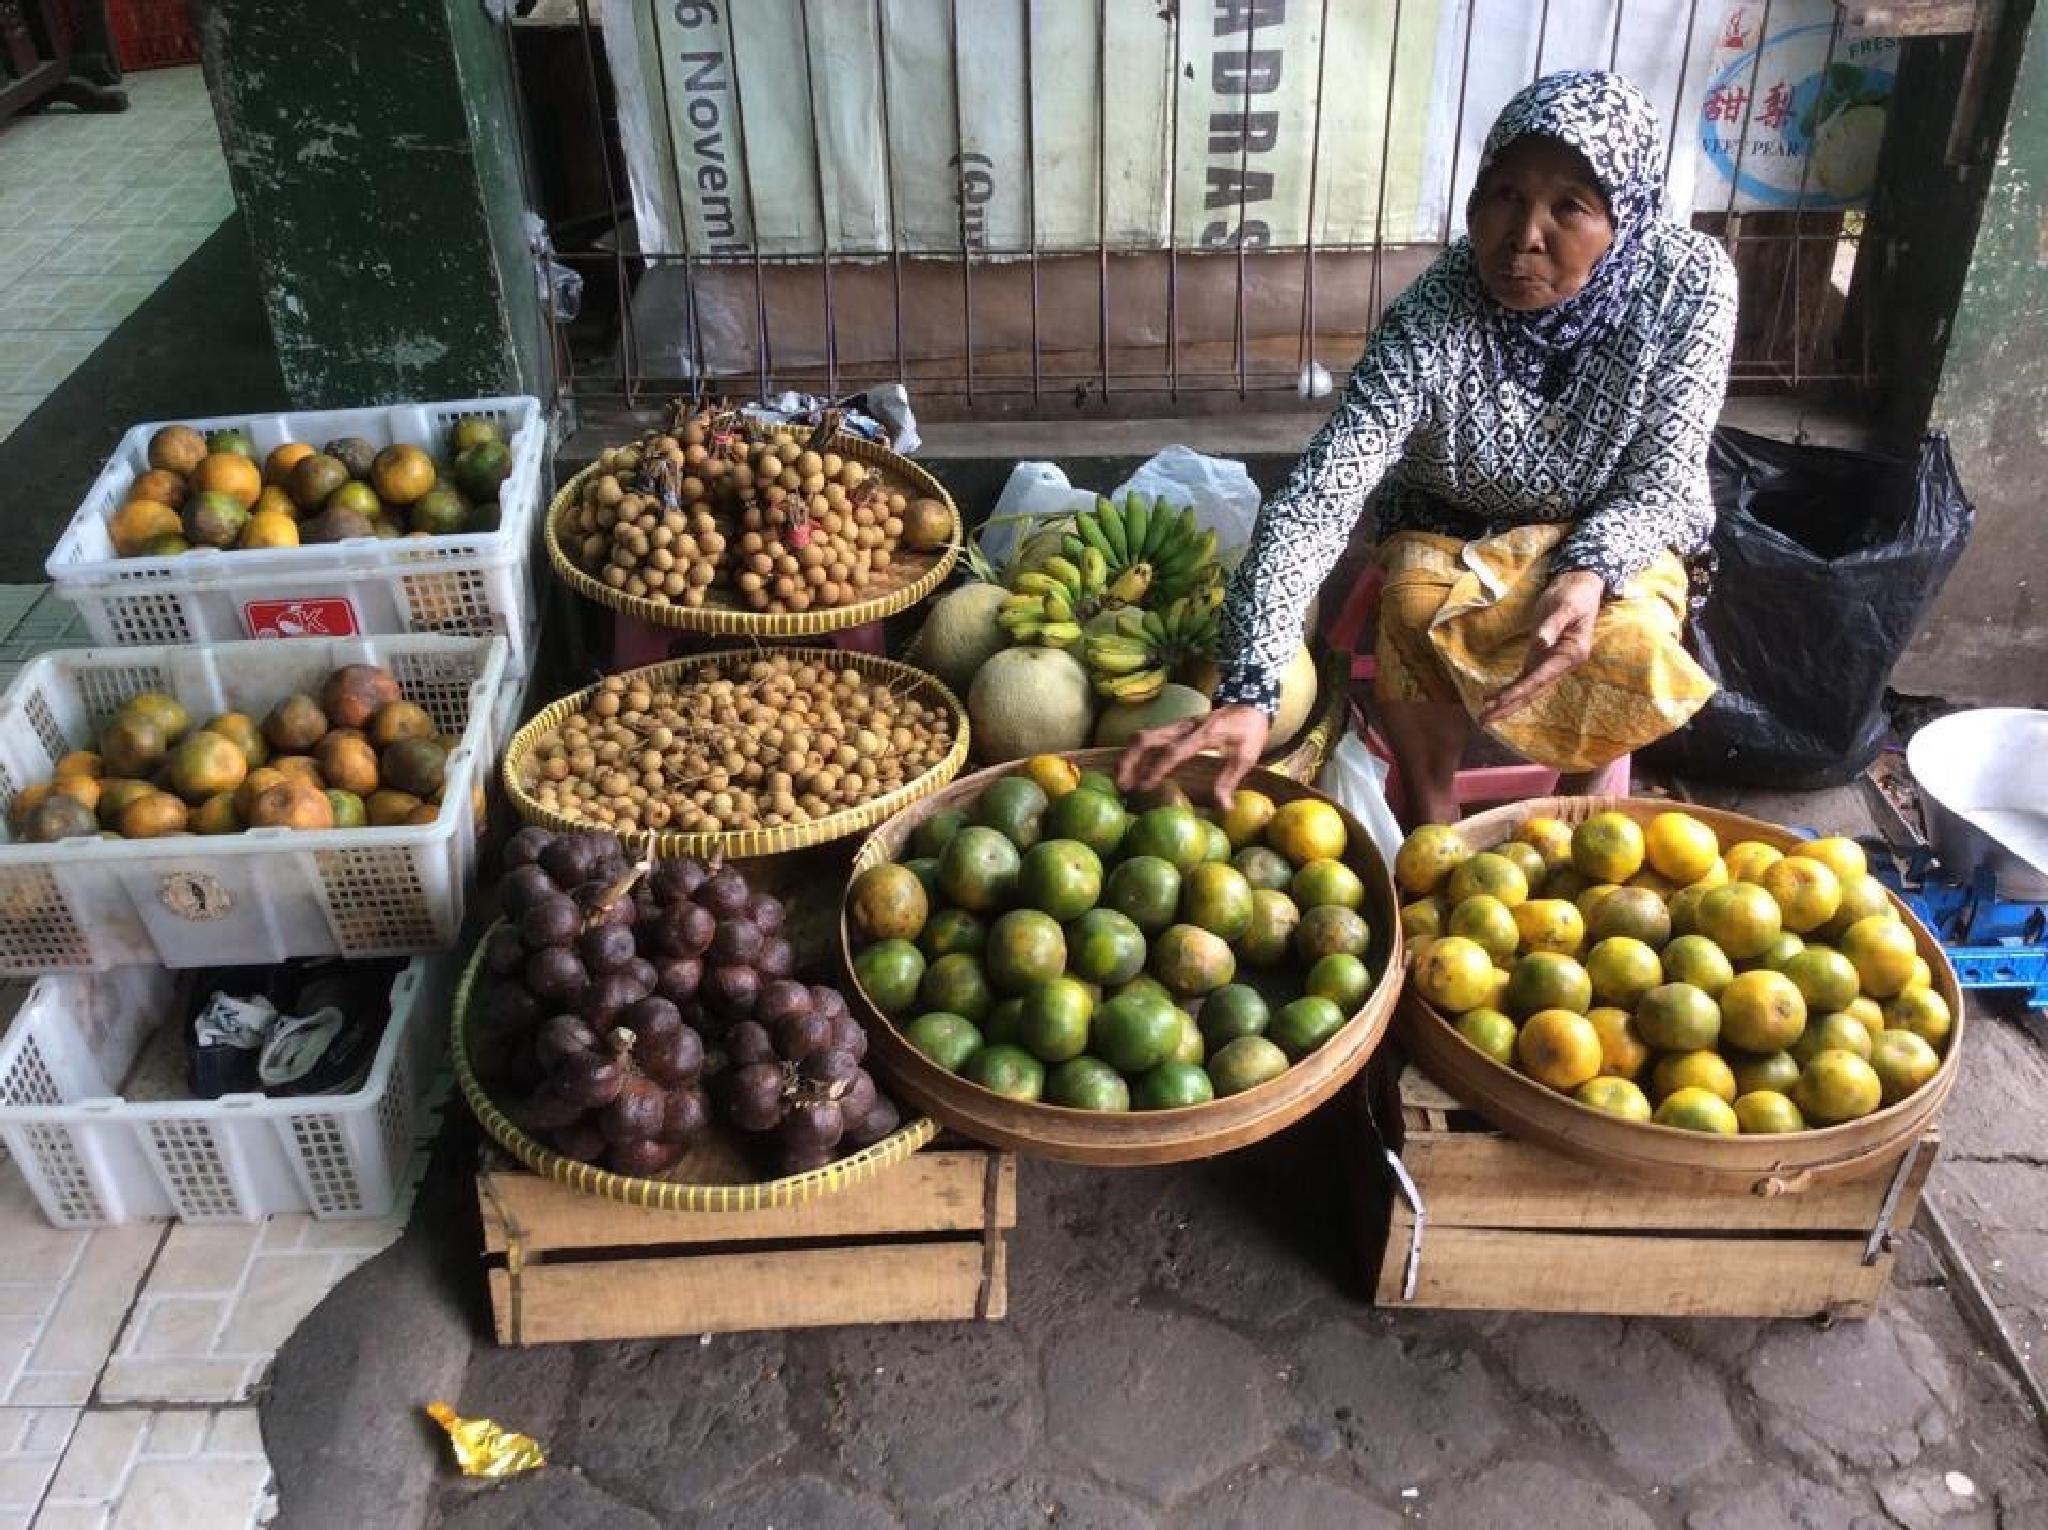 Fruits vendor by johnny.kariono